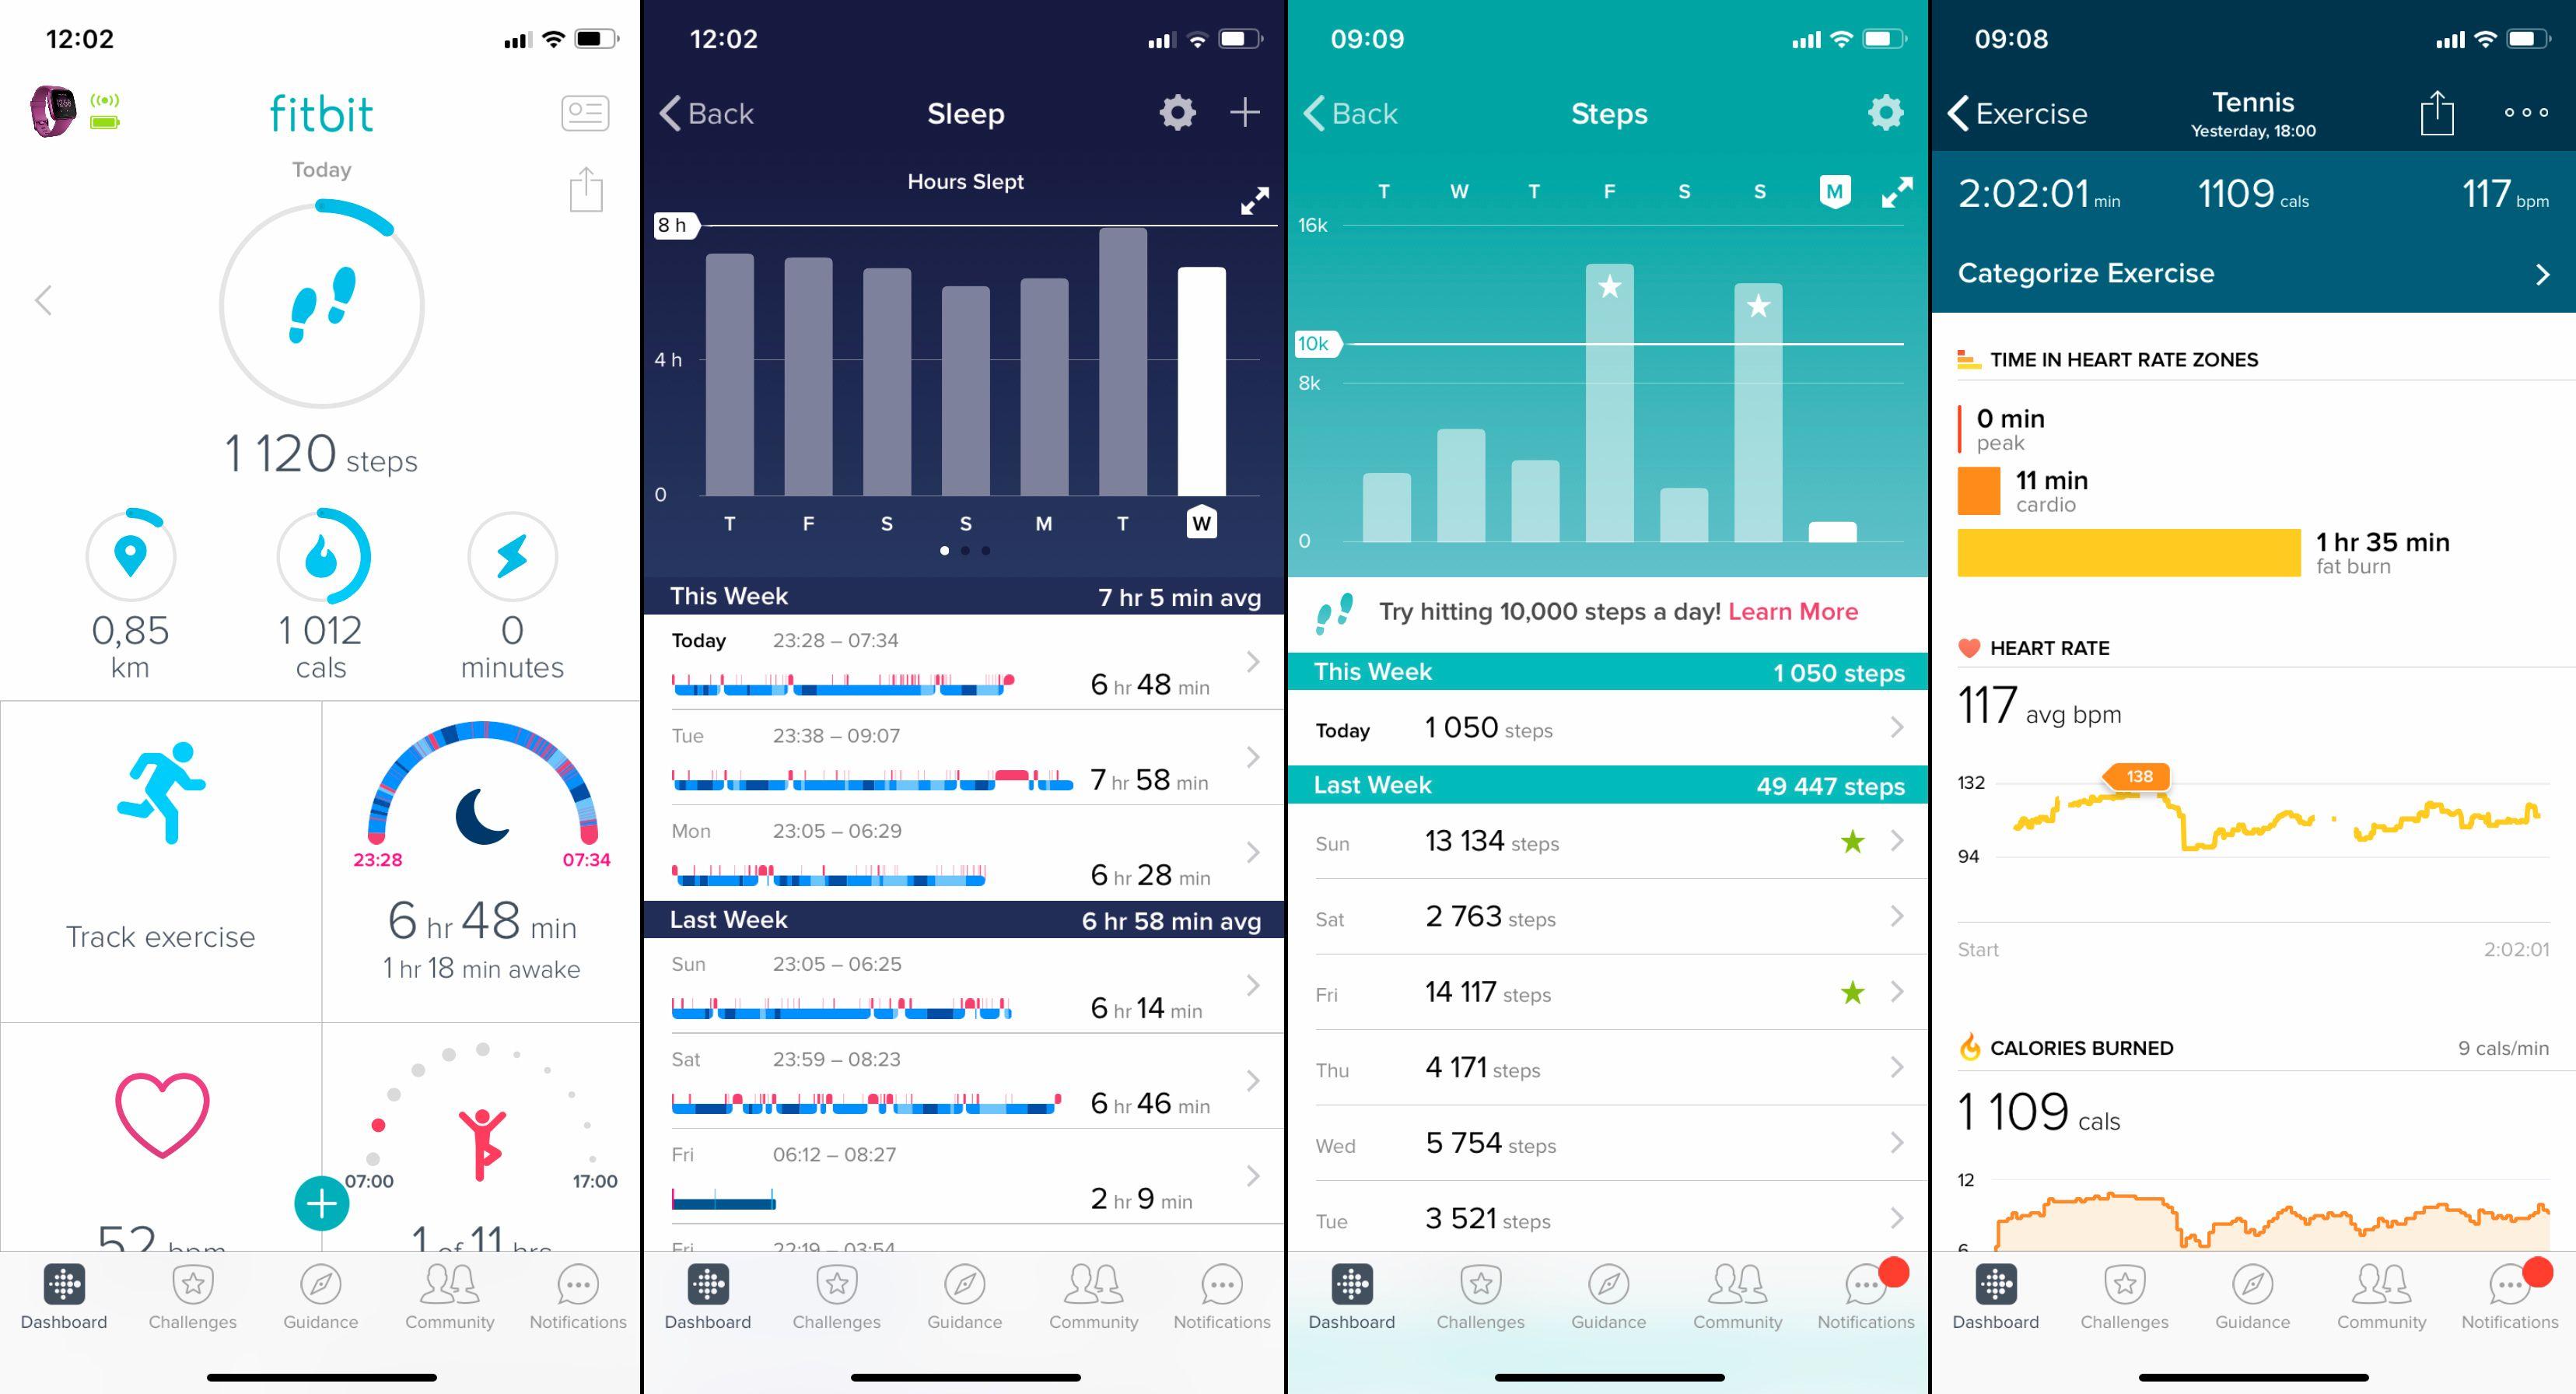 Noen skjermbilder fra Fitbit-appen. Fra venstre hovedmenyen, søvnoversikten, stegoversikten og oppsummeringen av en treningsøkt.